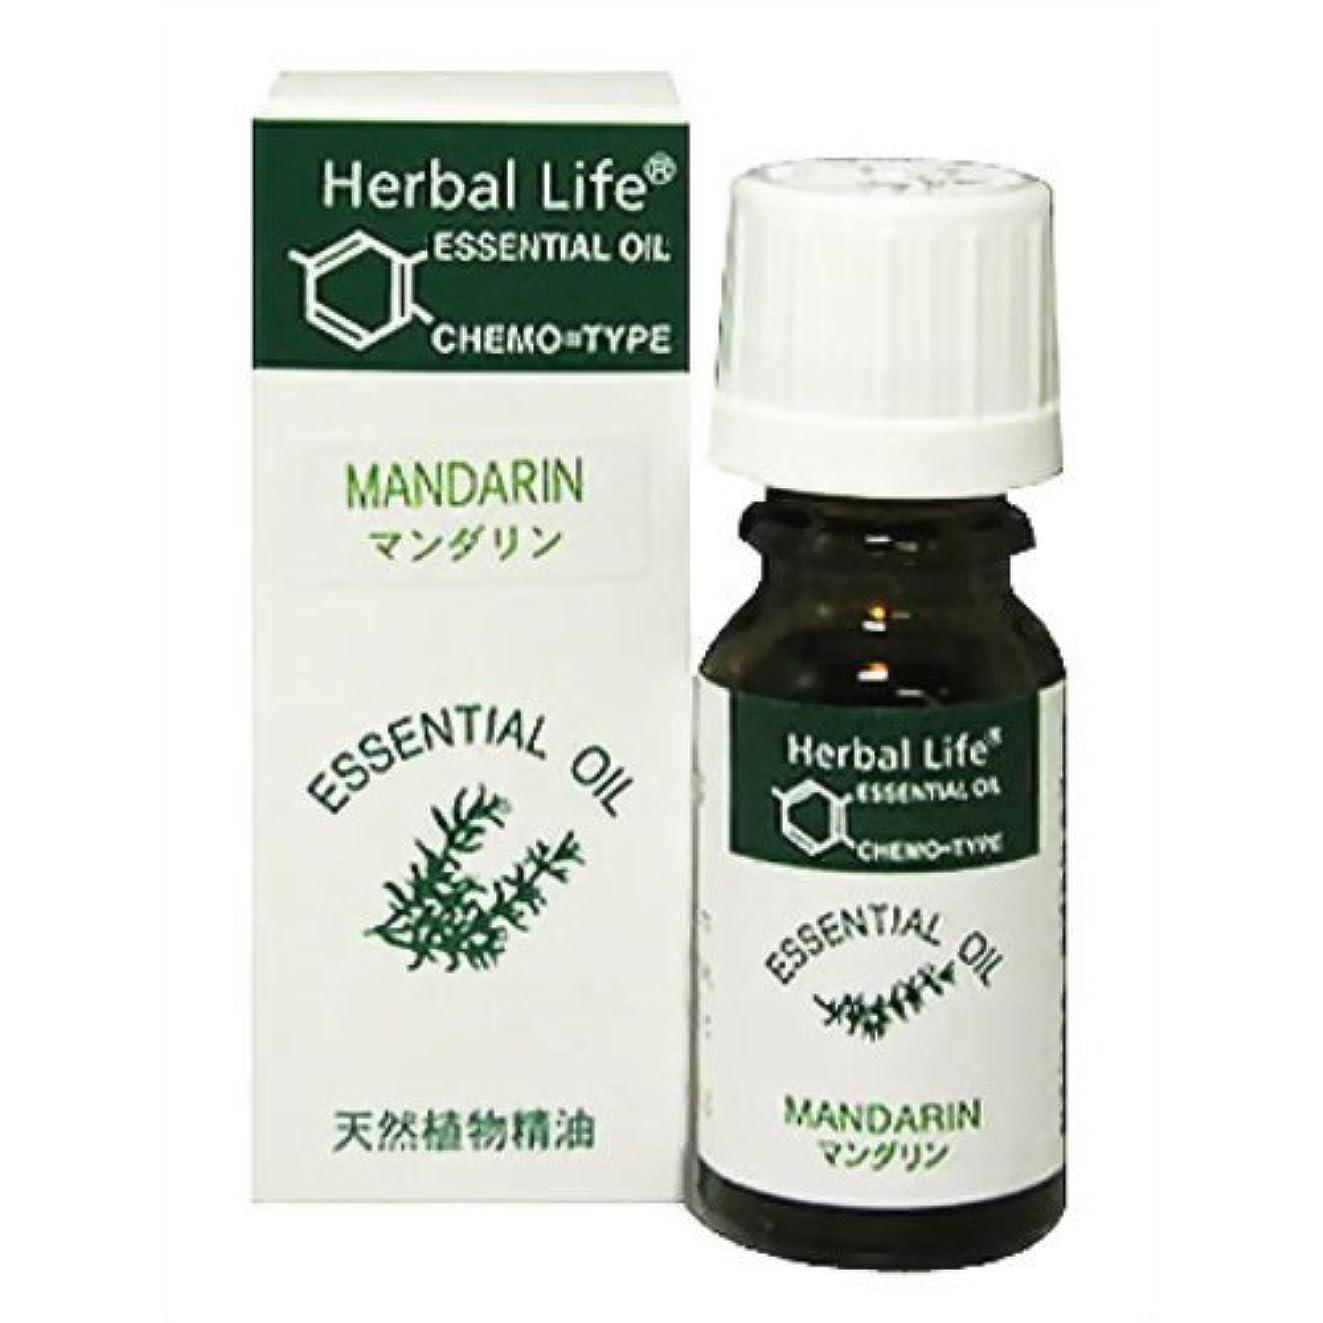 素朴な鈍いファッション生活の木 Herbal Life マンダリン 10ml